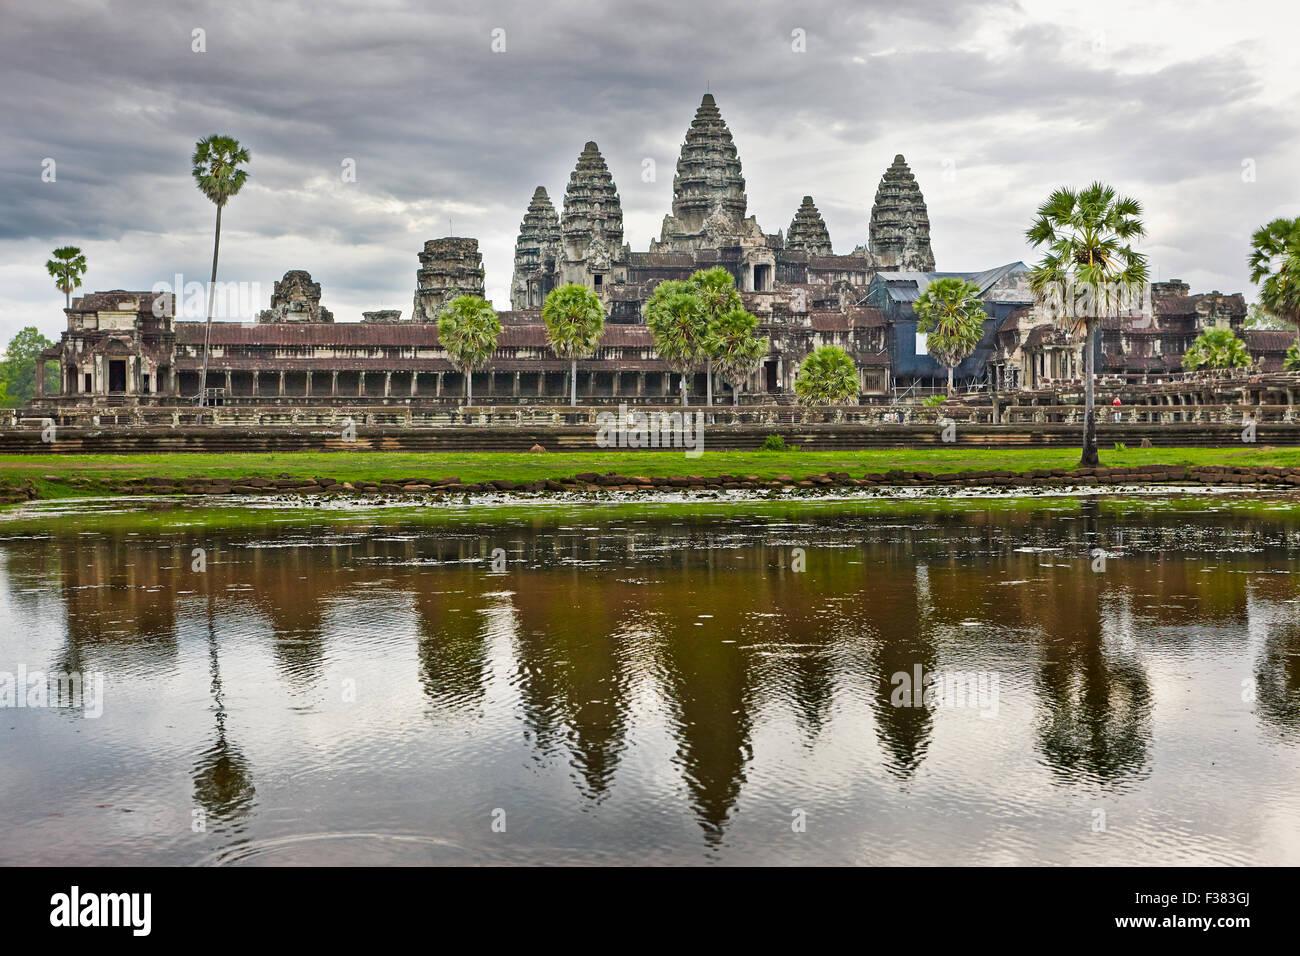 Vista icónica del templo de Angkor Wat reflejada en un lago cercano en un día nublado. Parque Arqueológico de Angkor, Provincia de Siem Reap, Camboya. Foto de stock